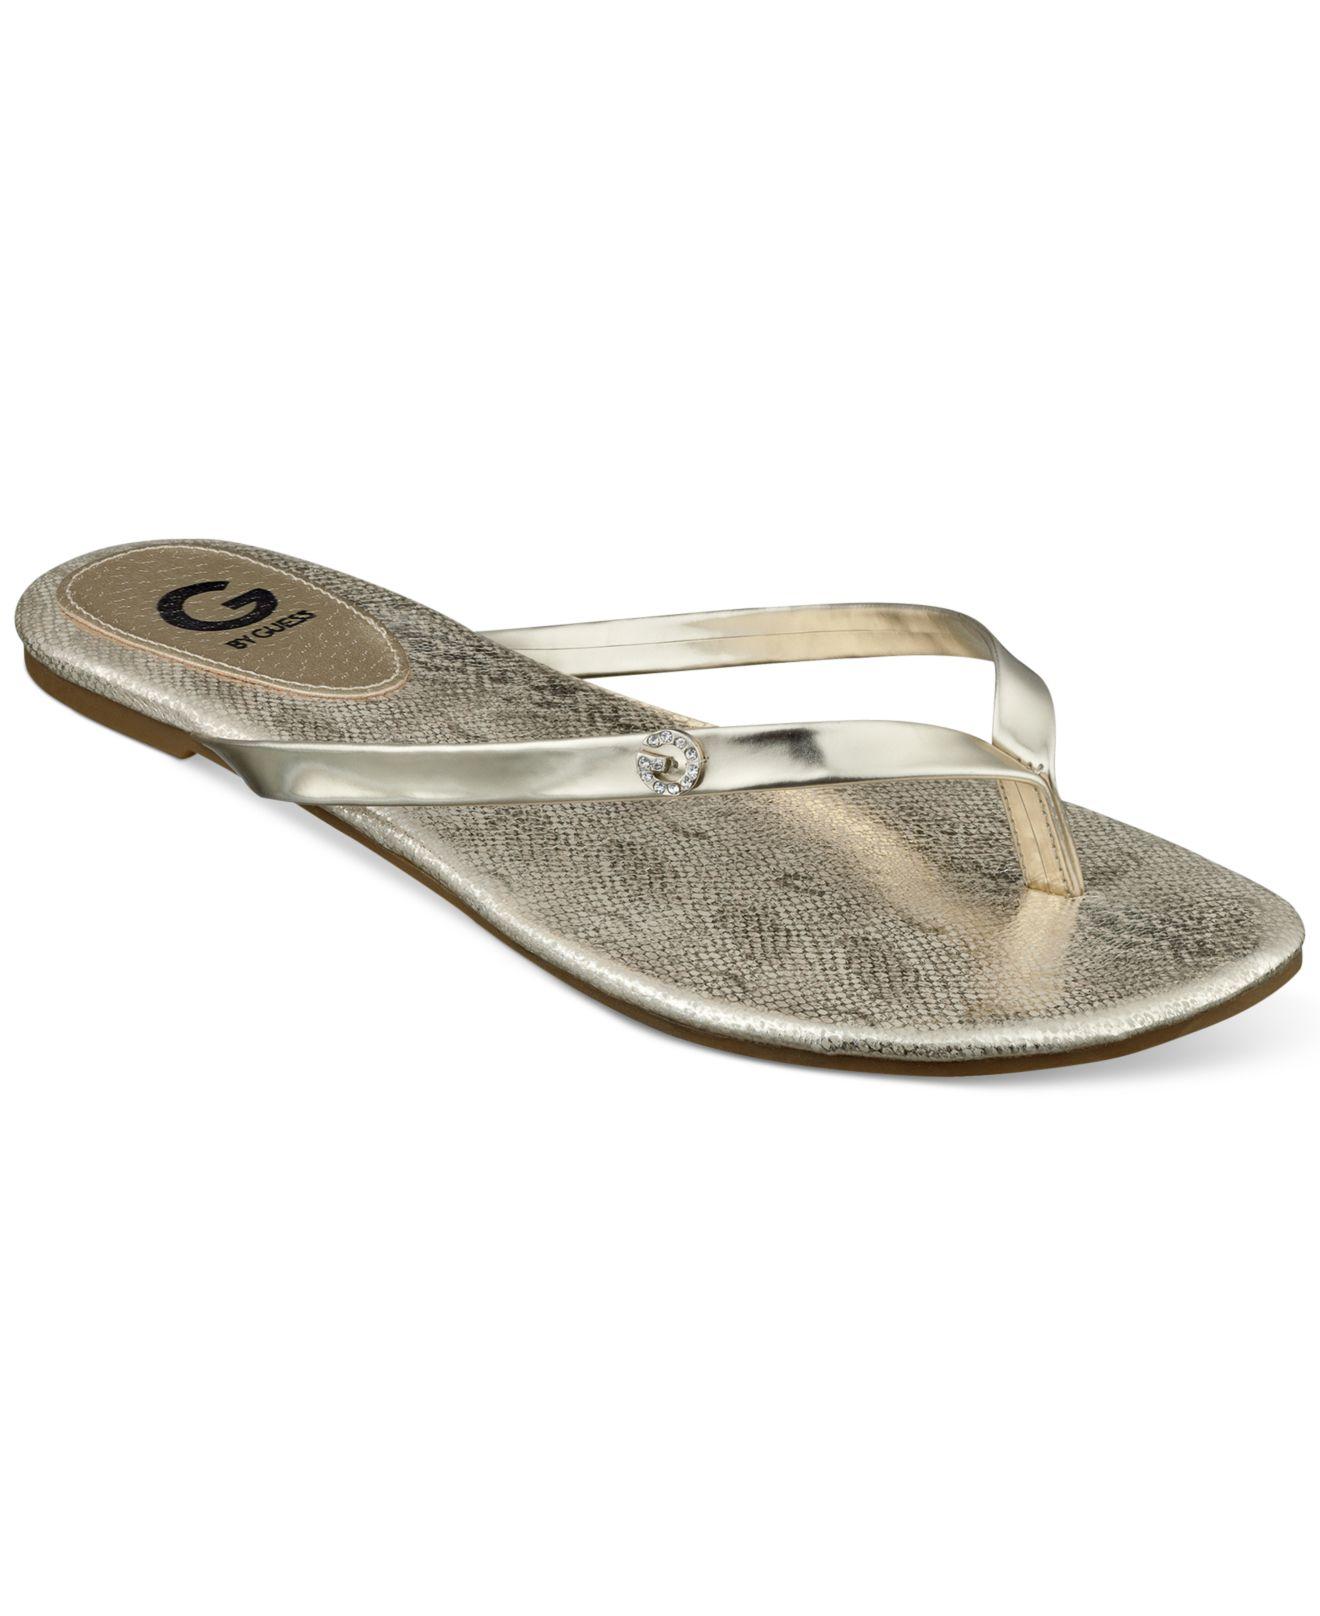 8eab72debf35 Lyst - G by Guess Women s Bayla Flip Flops in Metallic